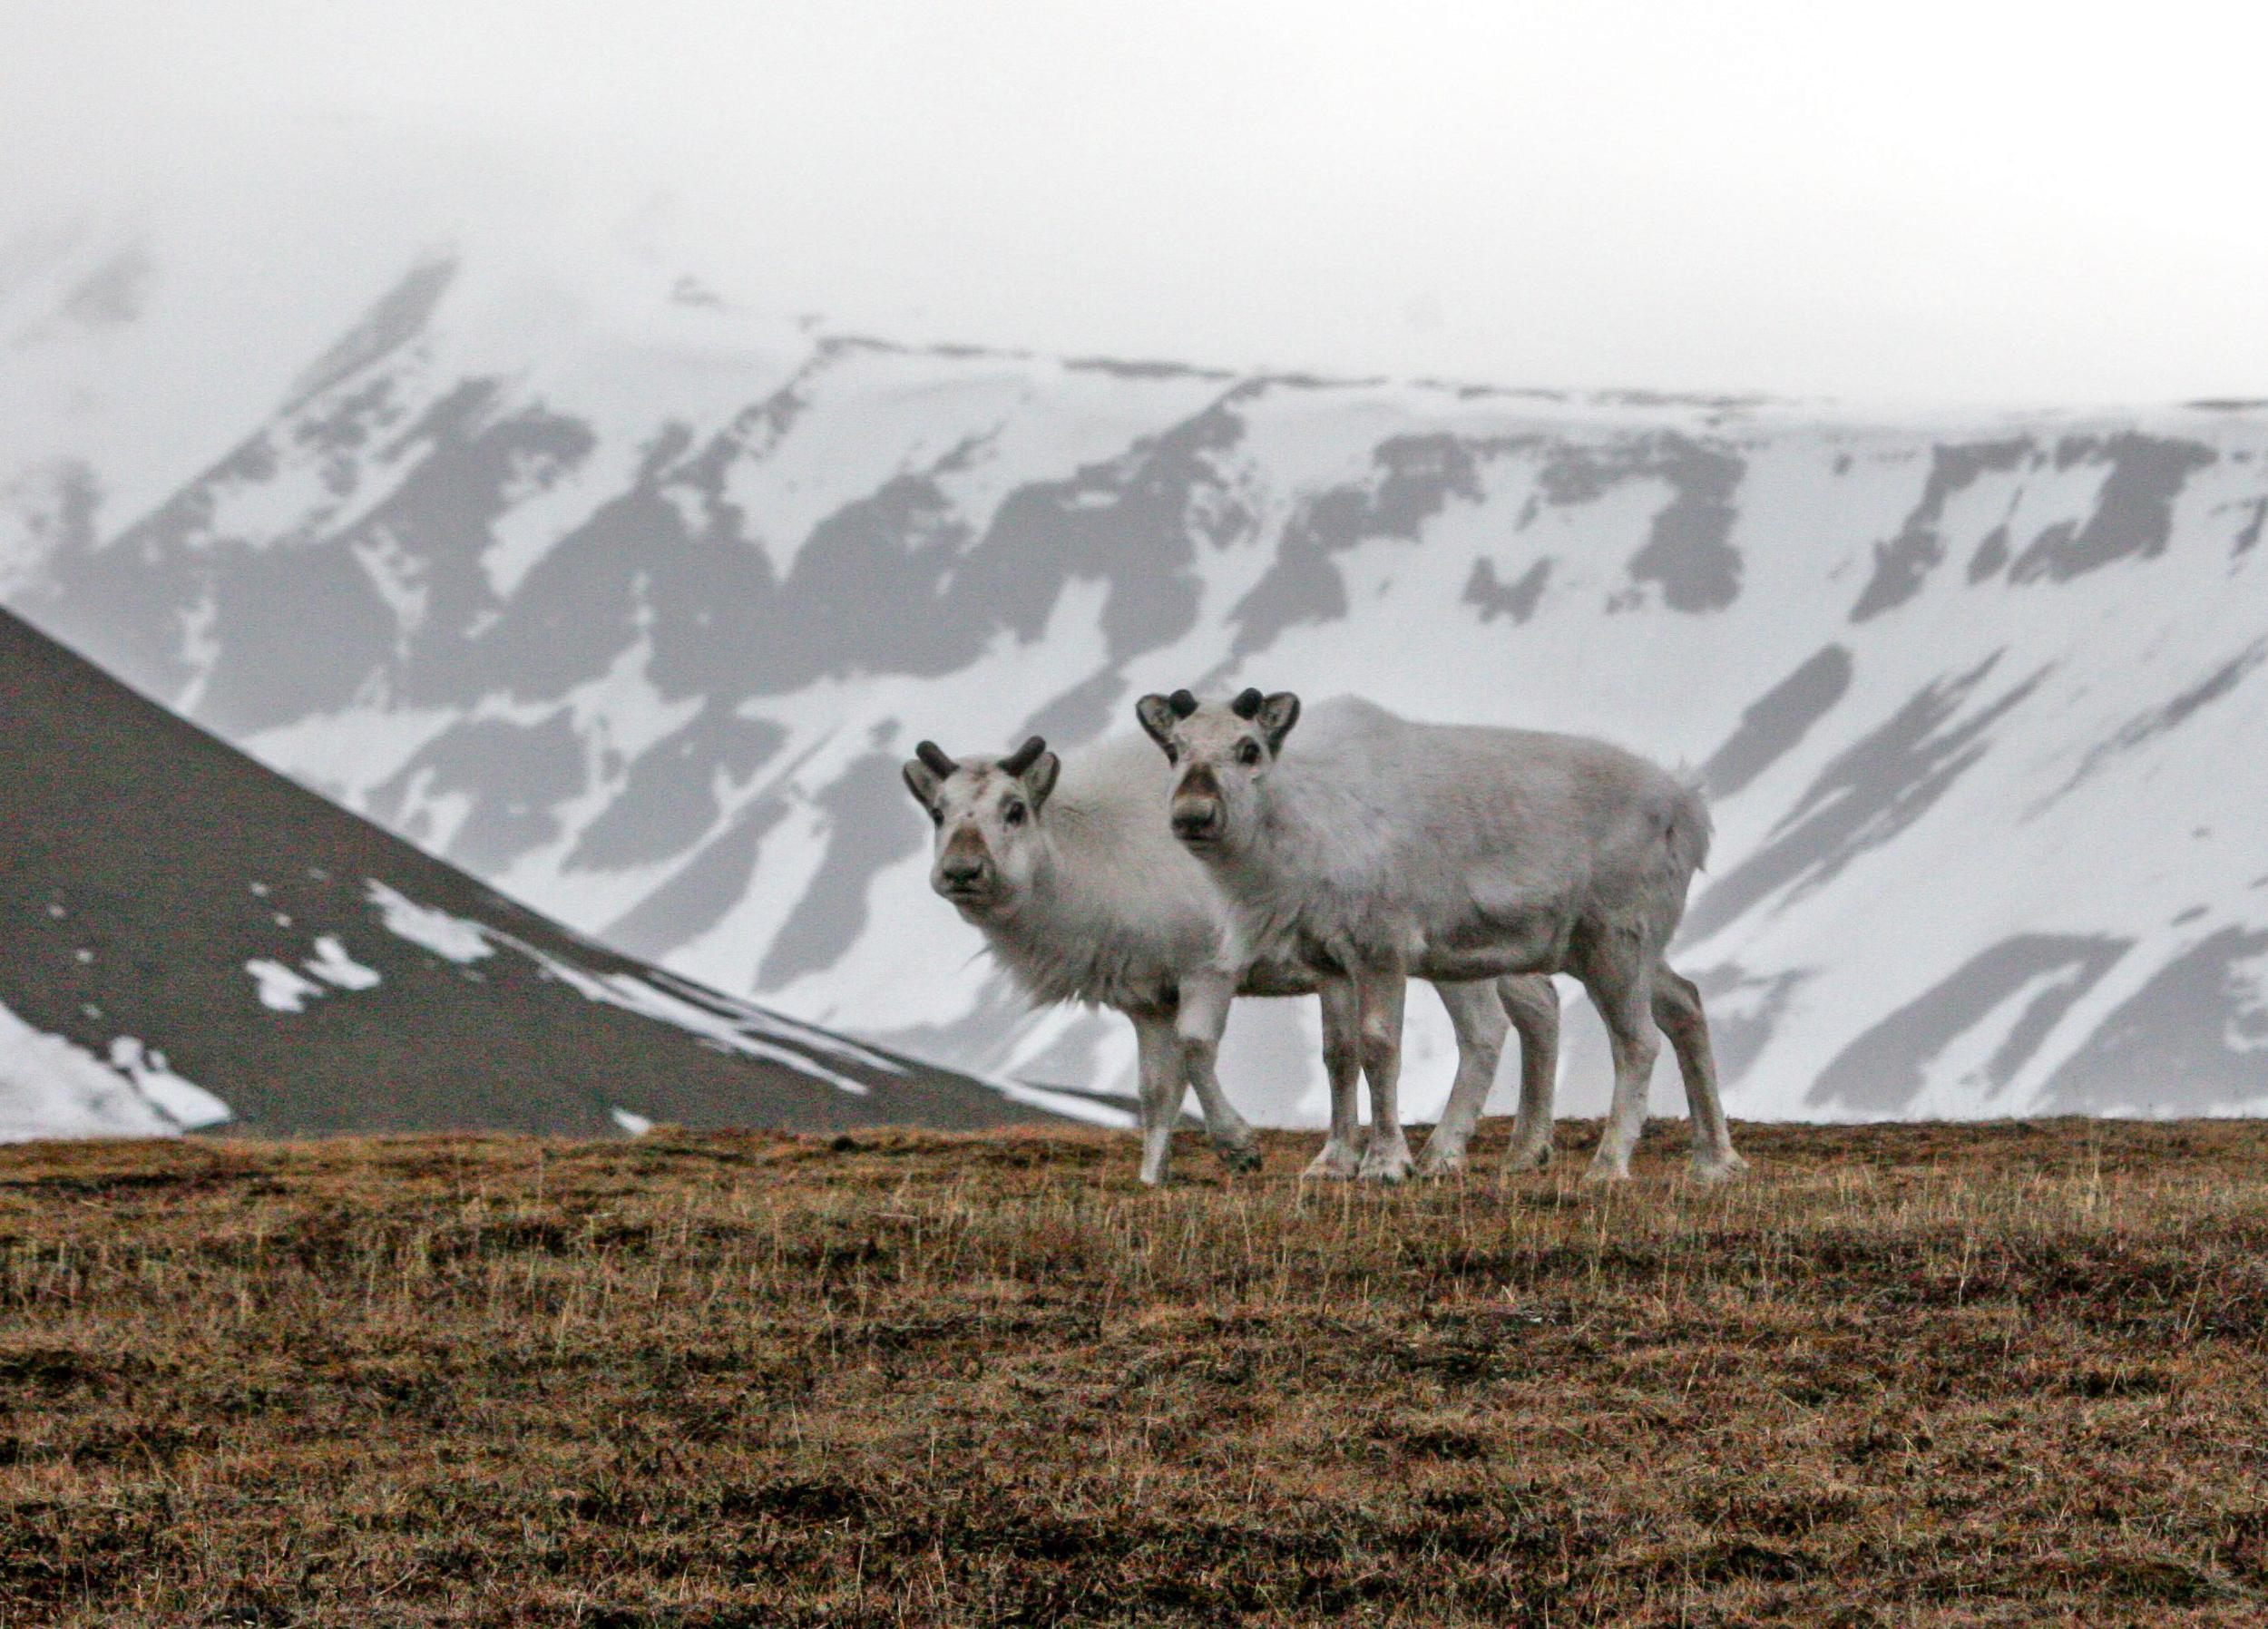 Det er juni i Adventdalen, og som vanleg opptrer svalbardreinen i spreidde smågrupper, ikkje i flokk som på fastlandet. Foto: Kjell Bitustøyl